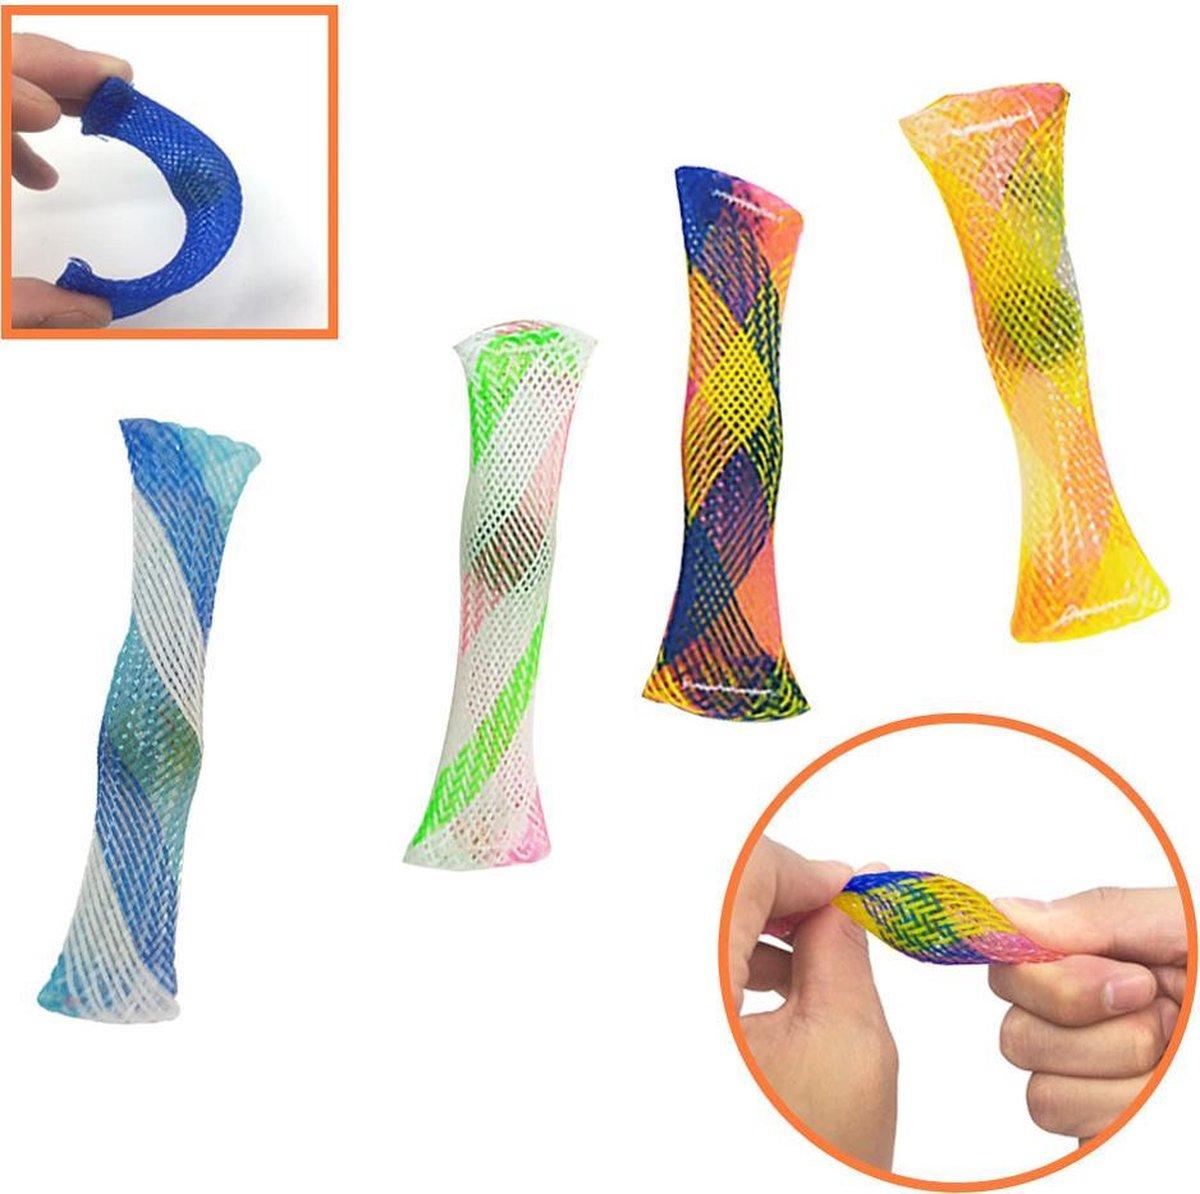 Mesh and Marble - Fidget Toys - Pop it - Simple Dimple toy - Mix kleur 4 STUKS